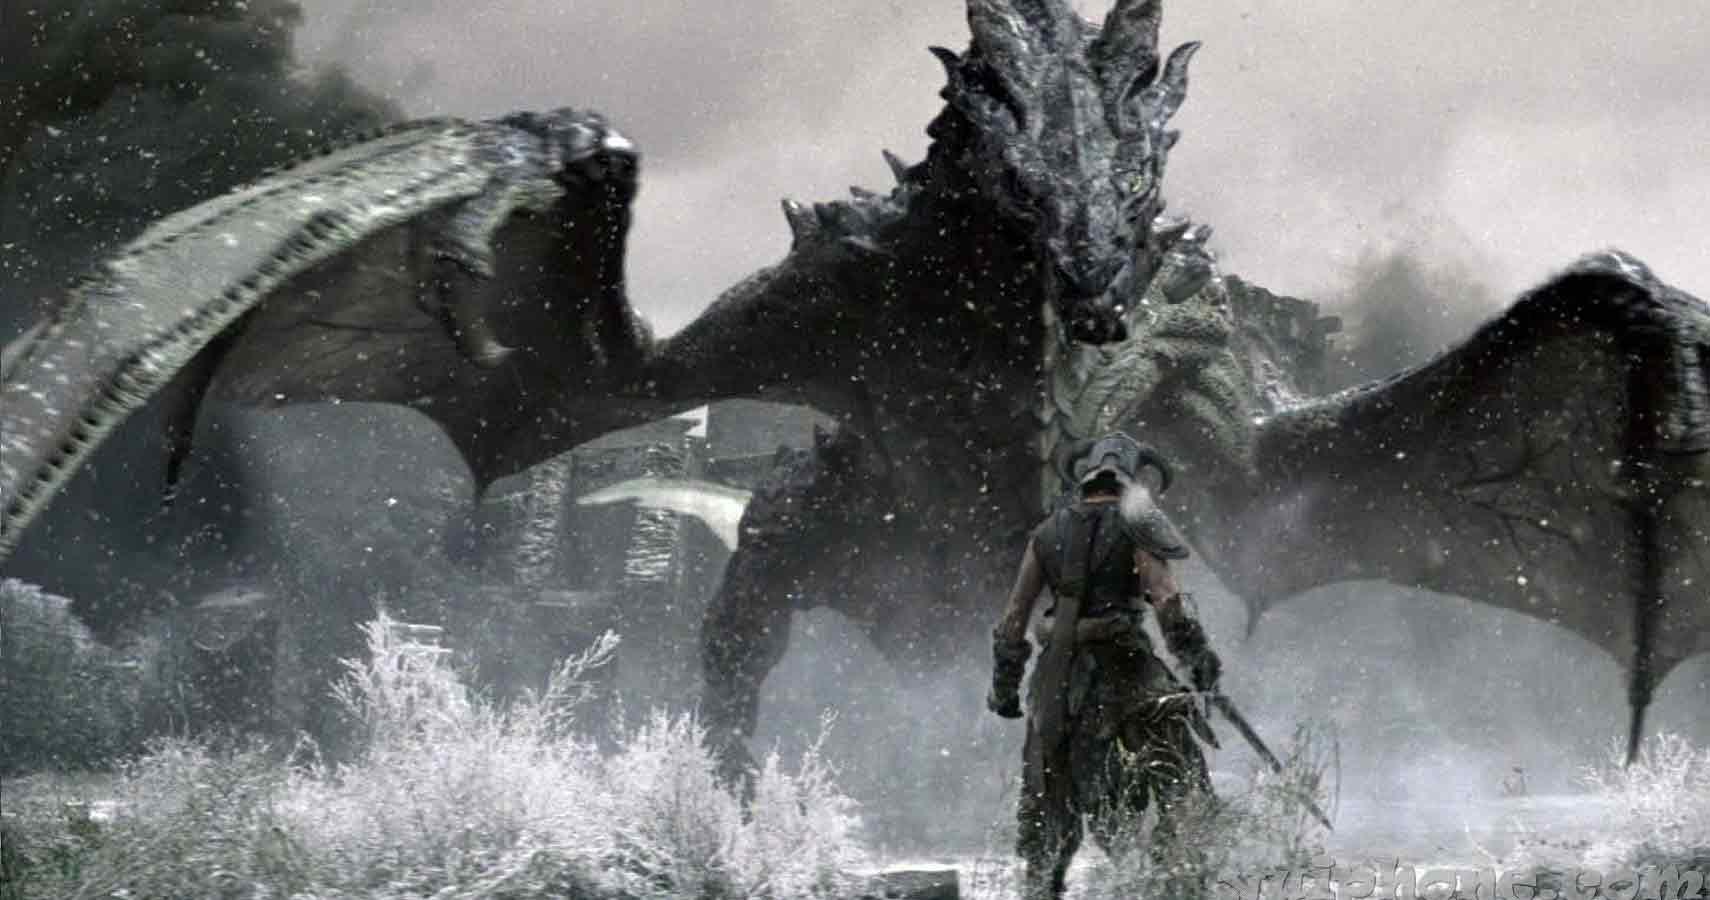 Skyrim-เกมซีรีย์เวทมนต์สุดมันส์2